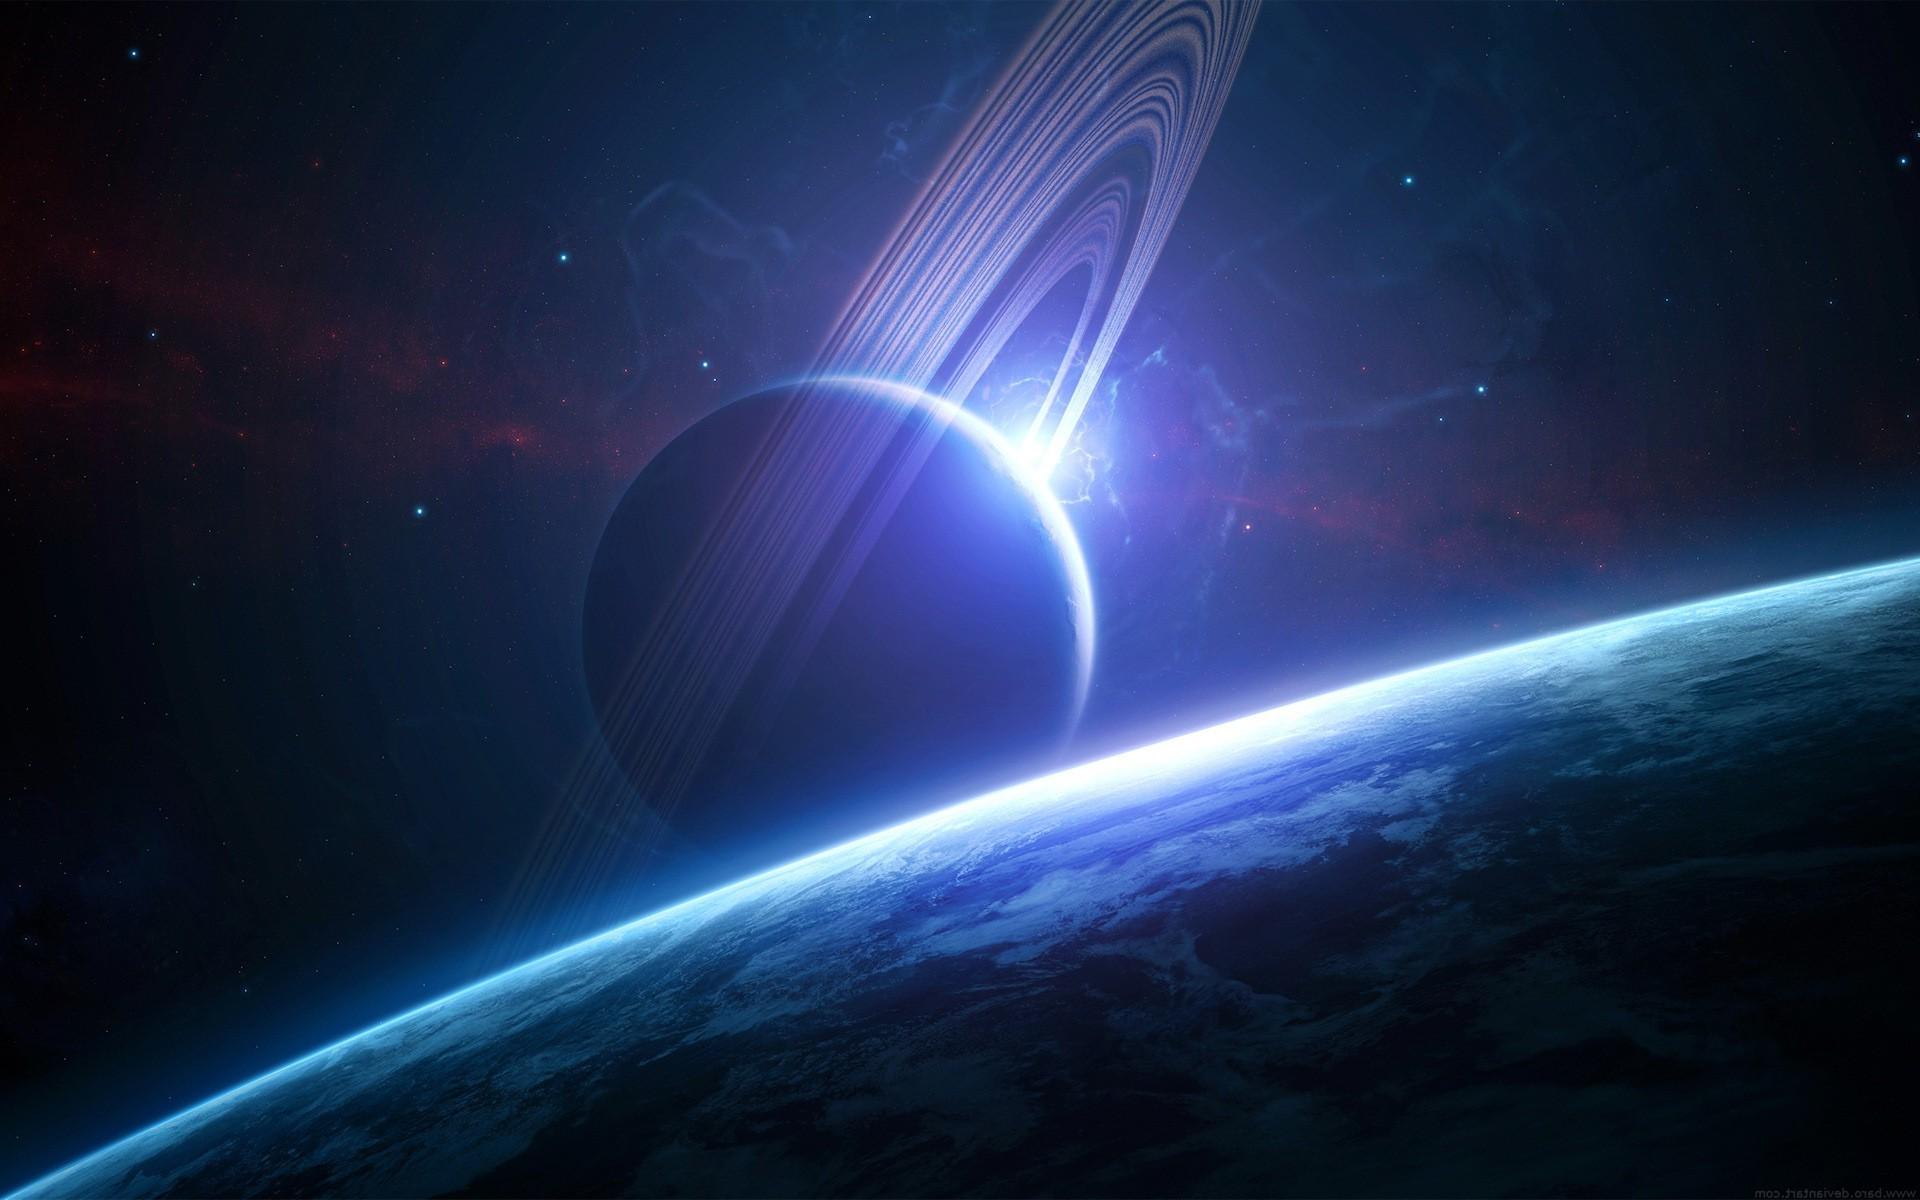 проектированию возведению космос фото планет нашей галерее можете